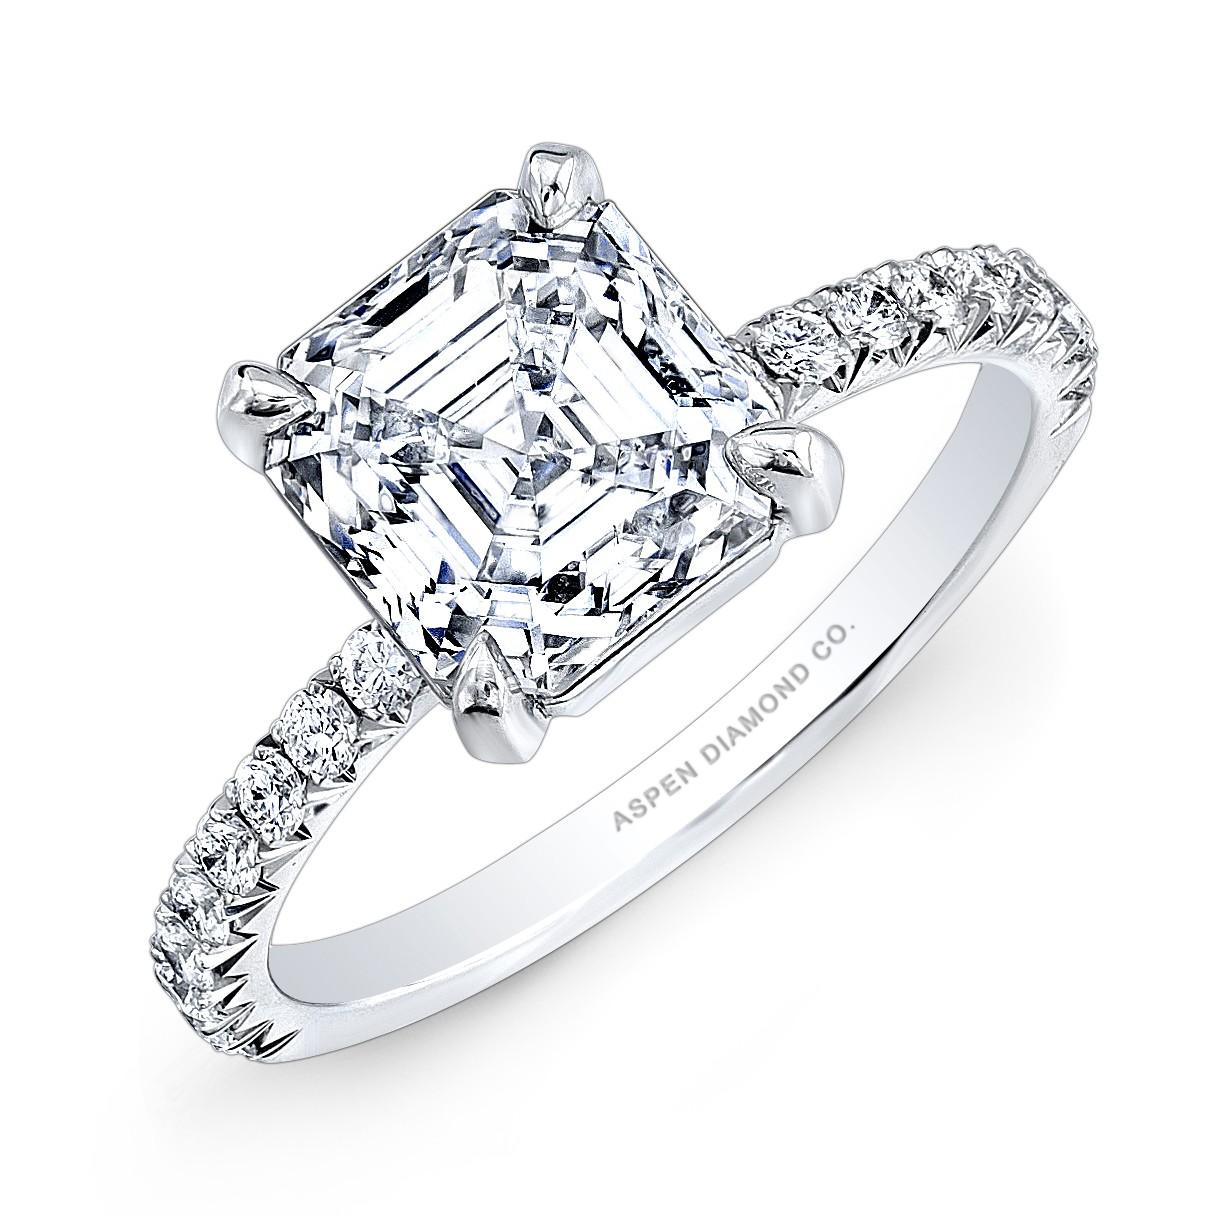 Asscher Cut Diamond Engagement Ring in Platinum